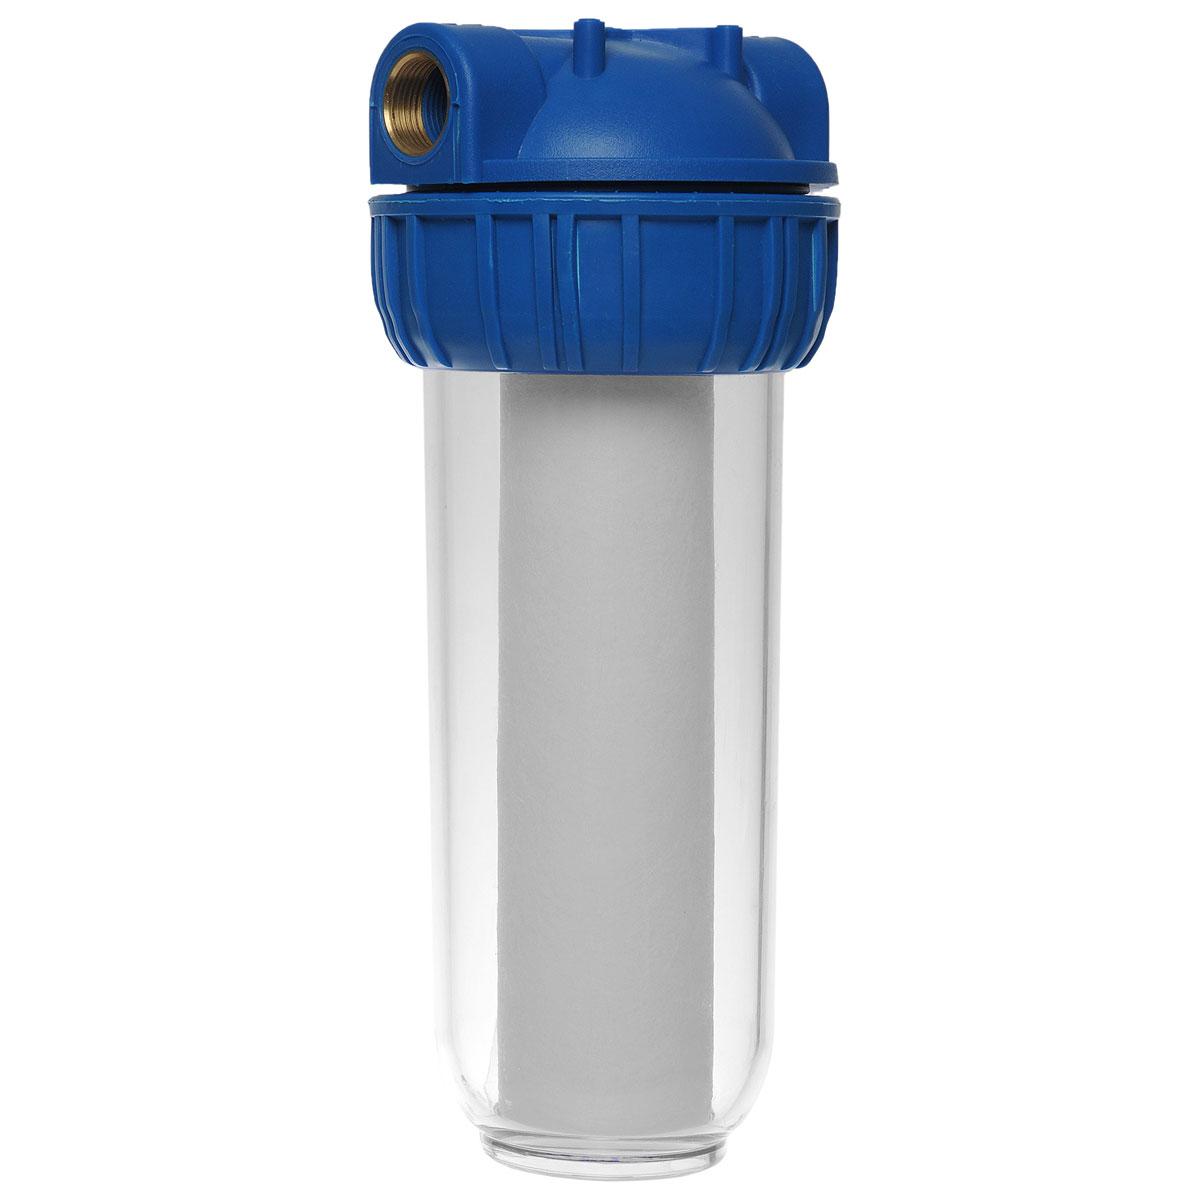 """Фильтр ЭкоДоктор предназначен для тонкой очистки воды от механических частиц, удаления песка, ржавчины и улучшения показателей мутности и цветности воды. Он имеет увеличенный ресурс и степень очистки. Собран из импортных высококачественных комплектующих. Колба имеет прозрачный корпус из прочного пластика и одинарное уплотнительное кольцо.   В комплект фильтра входят колба, картридж, кронштейн для крепления на стену, ключ для замены картриджей, инструкция по эксплуатации.    Характеристики: Типоразмер: 10 SL. Высота корпуса 31 см. Подключение: 3/4"""". Рабочее давление воды: до 8 Атм. Температура воды на входе: 1-40°С. Размер упаковки: 13 см х 15 см х 35 см. Артикул: 111010."""